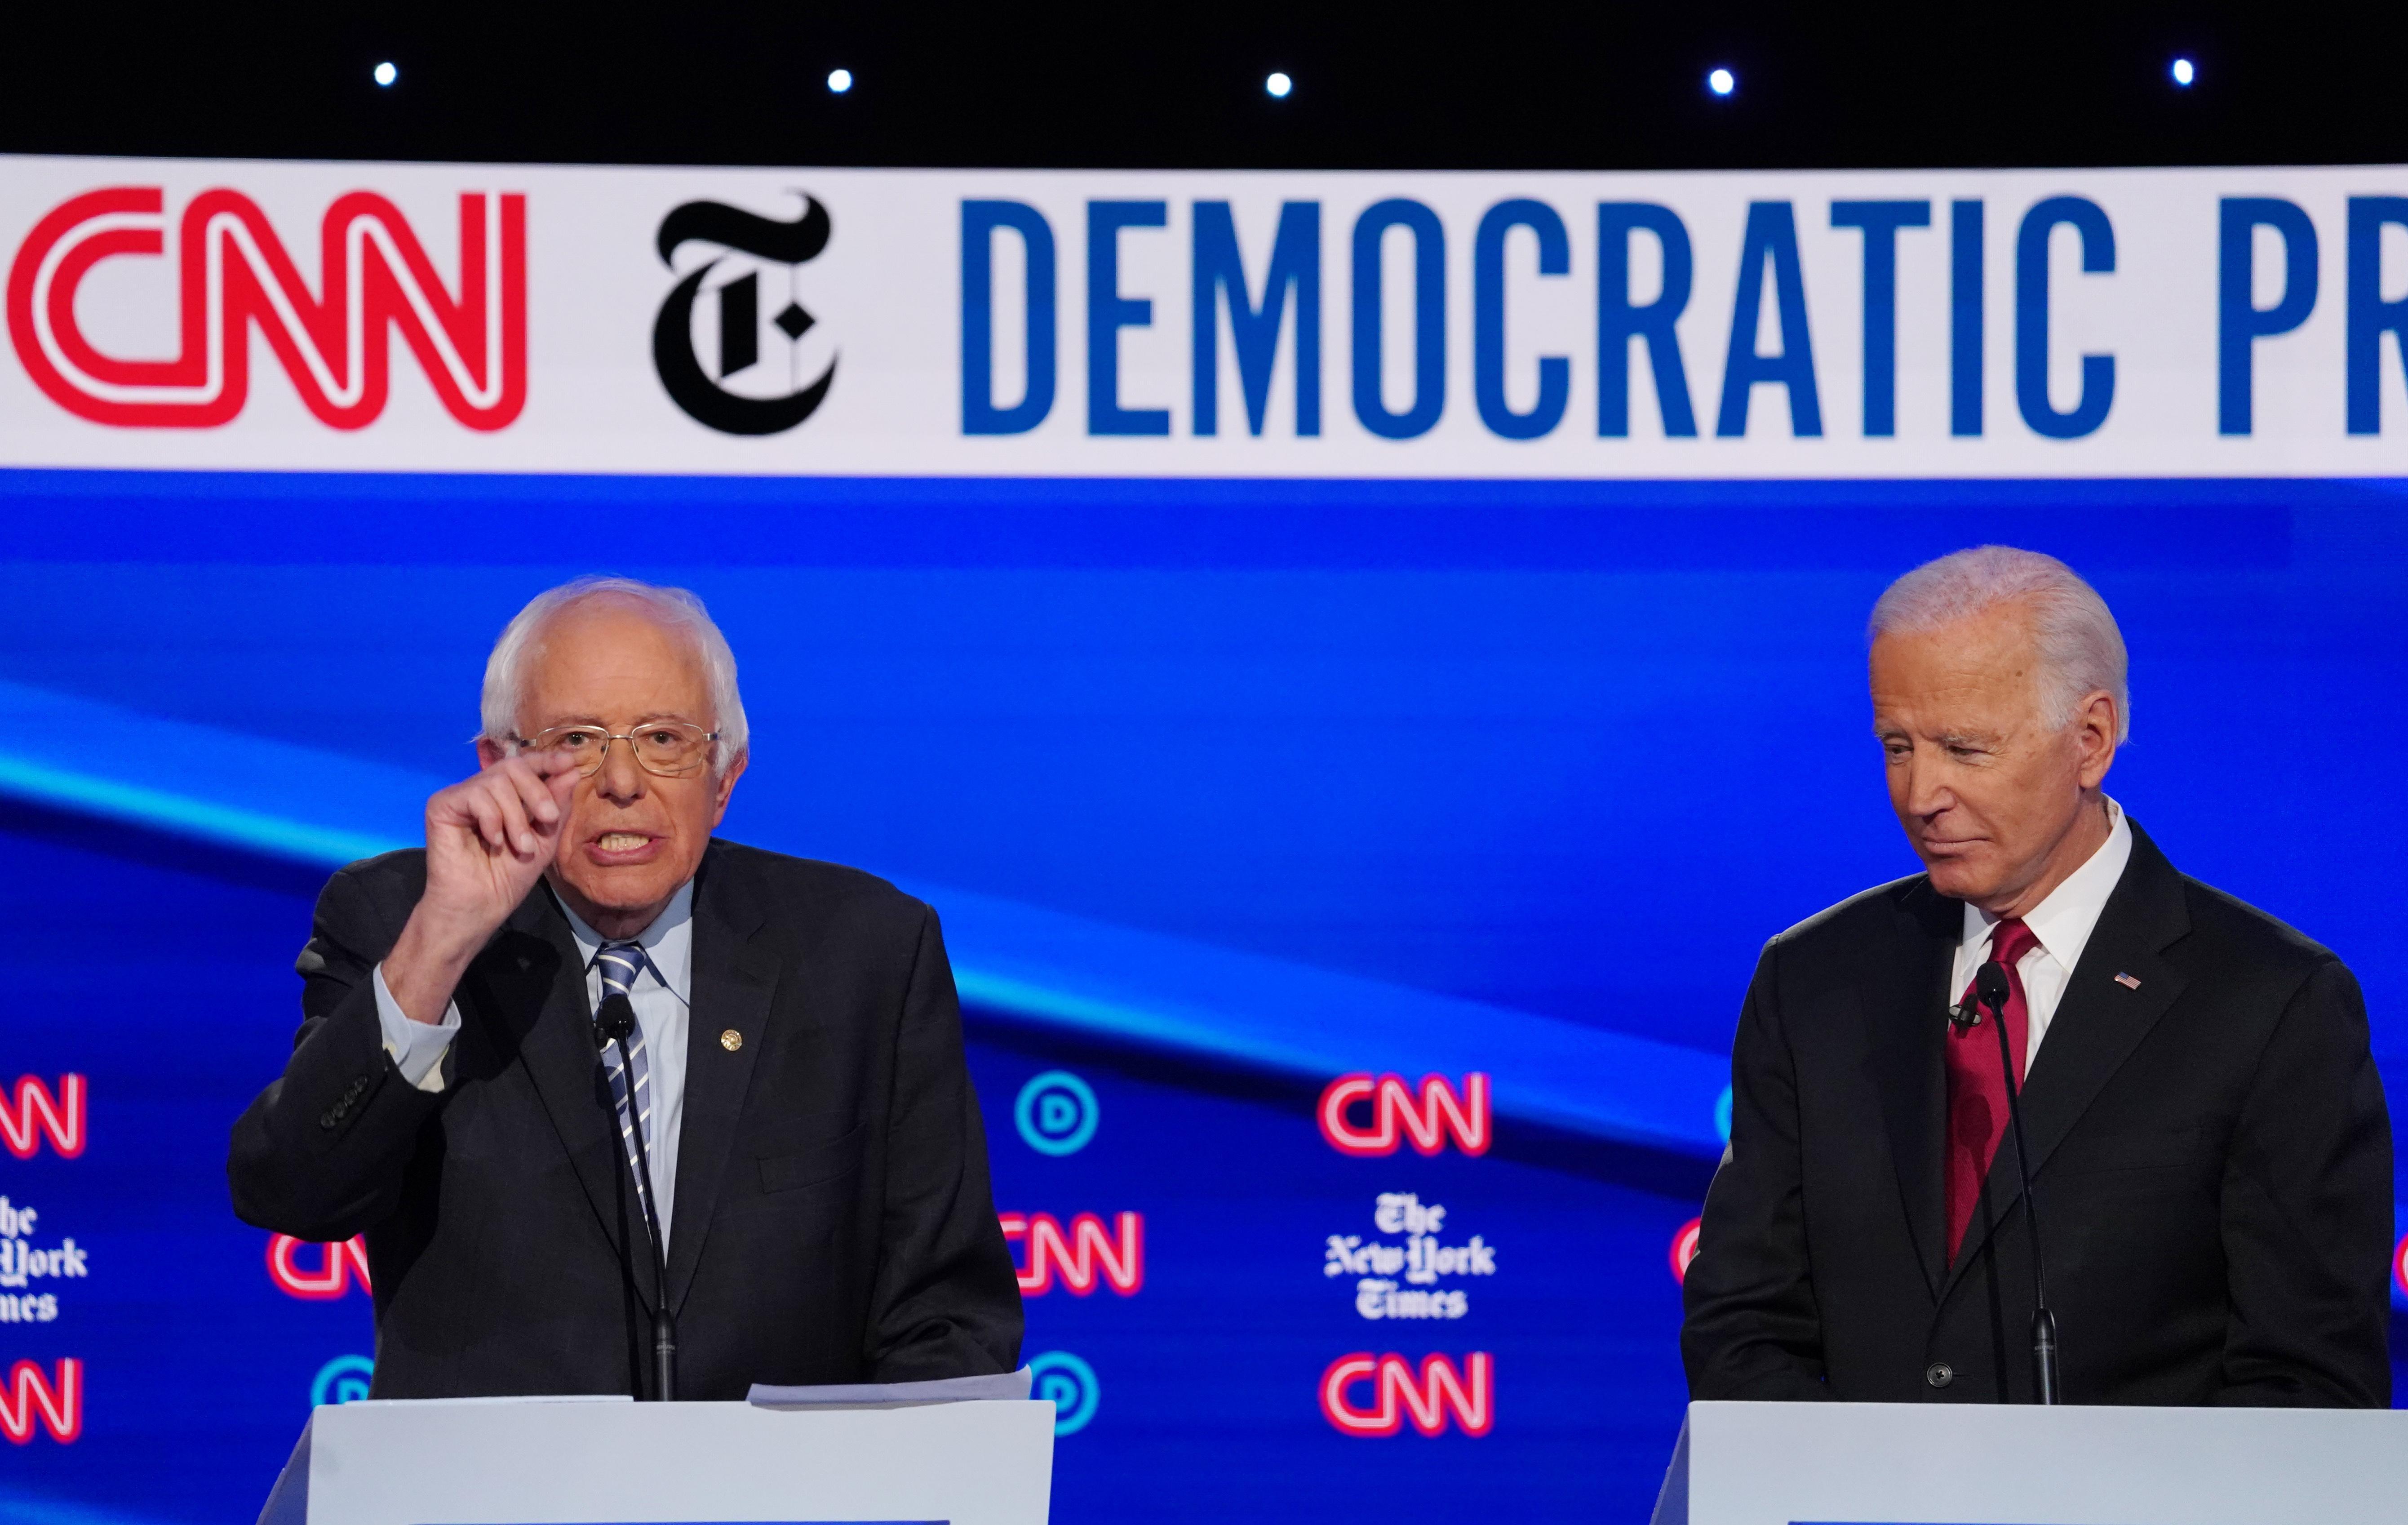 Faits saillants du débat démocratique: Warren pile-sur, questions sur l'âge